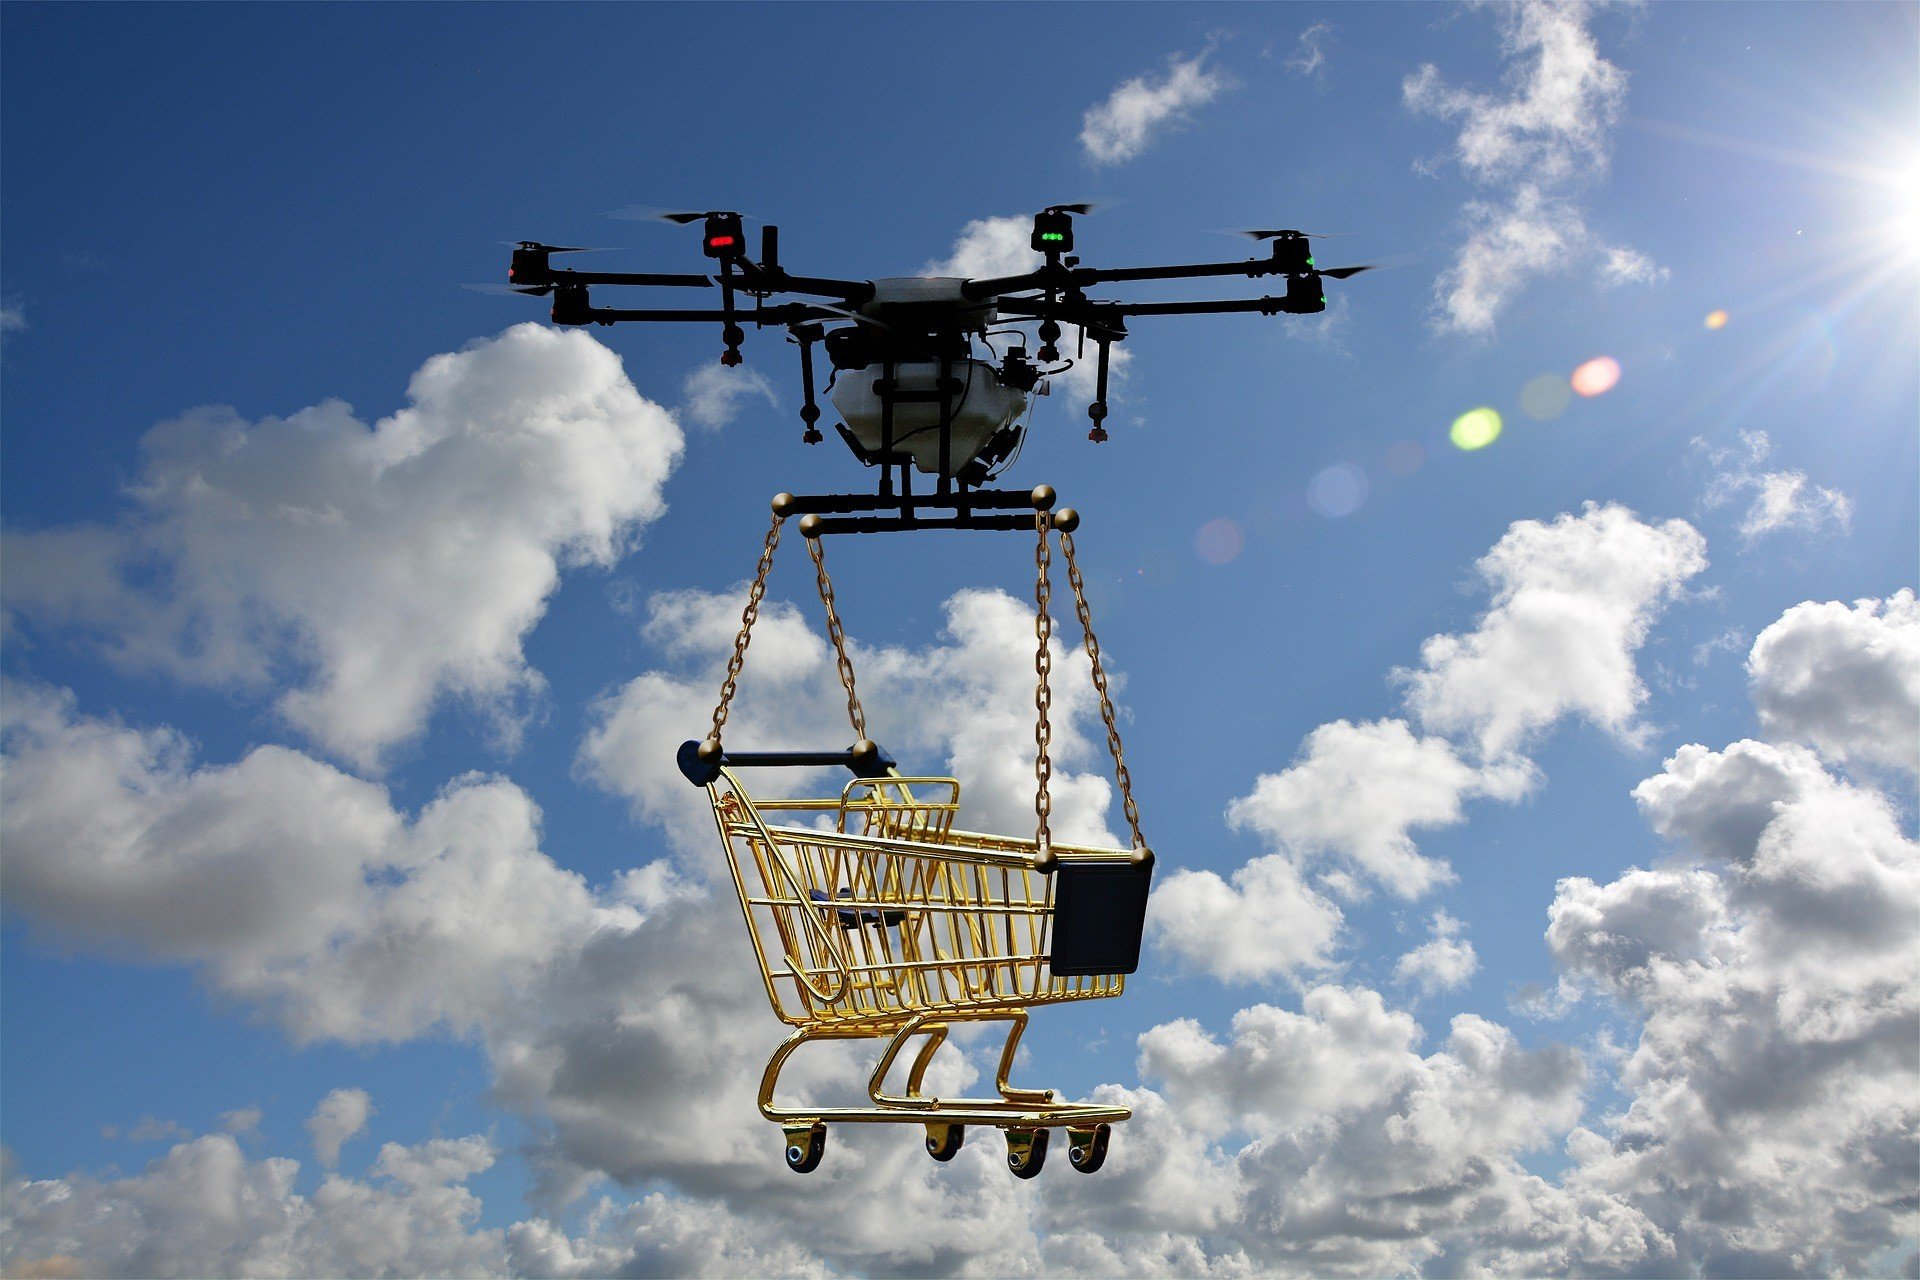 Великобритания воспользуется дронами для медицинских поставок